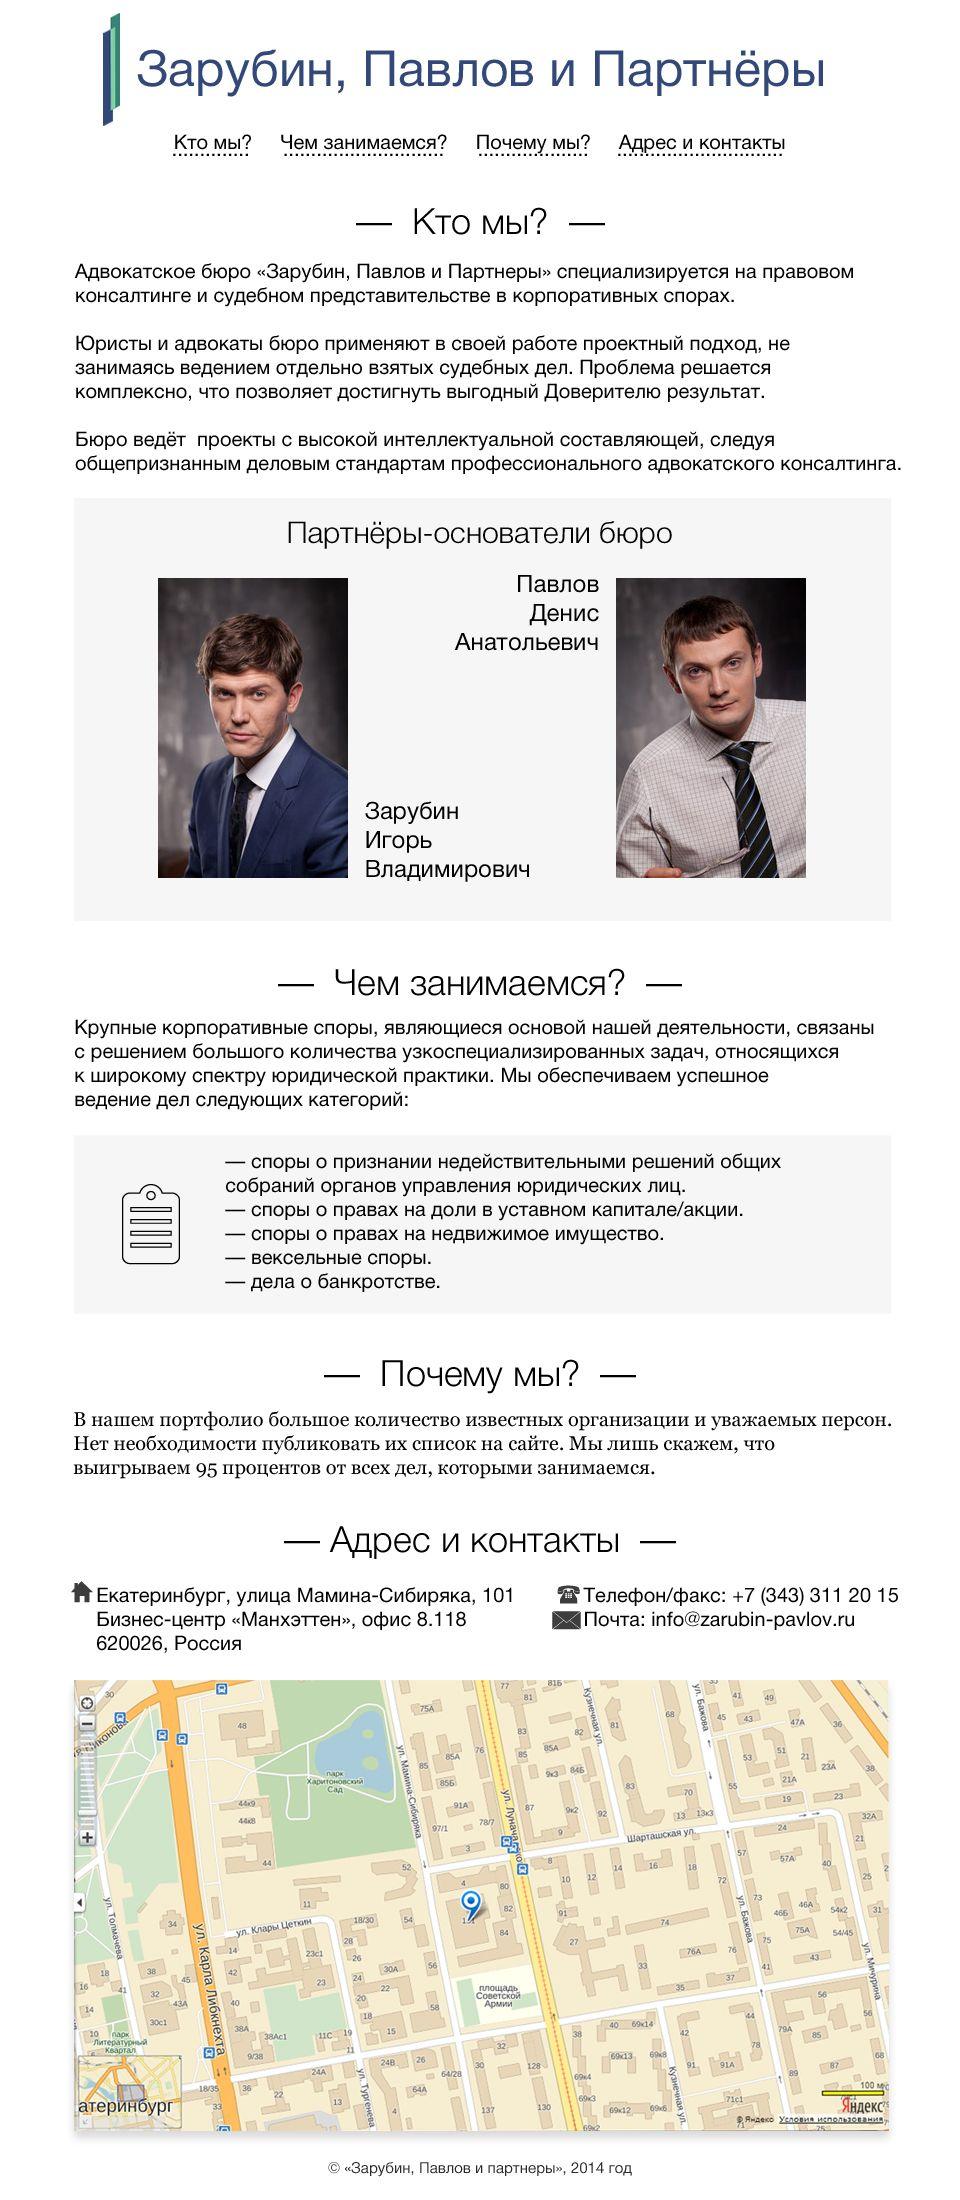 Дизайн сайта для адвокатского бюро. - дизайнер MaximBe